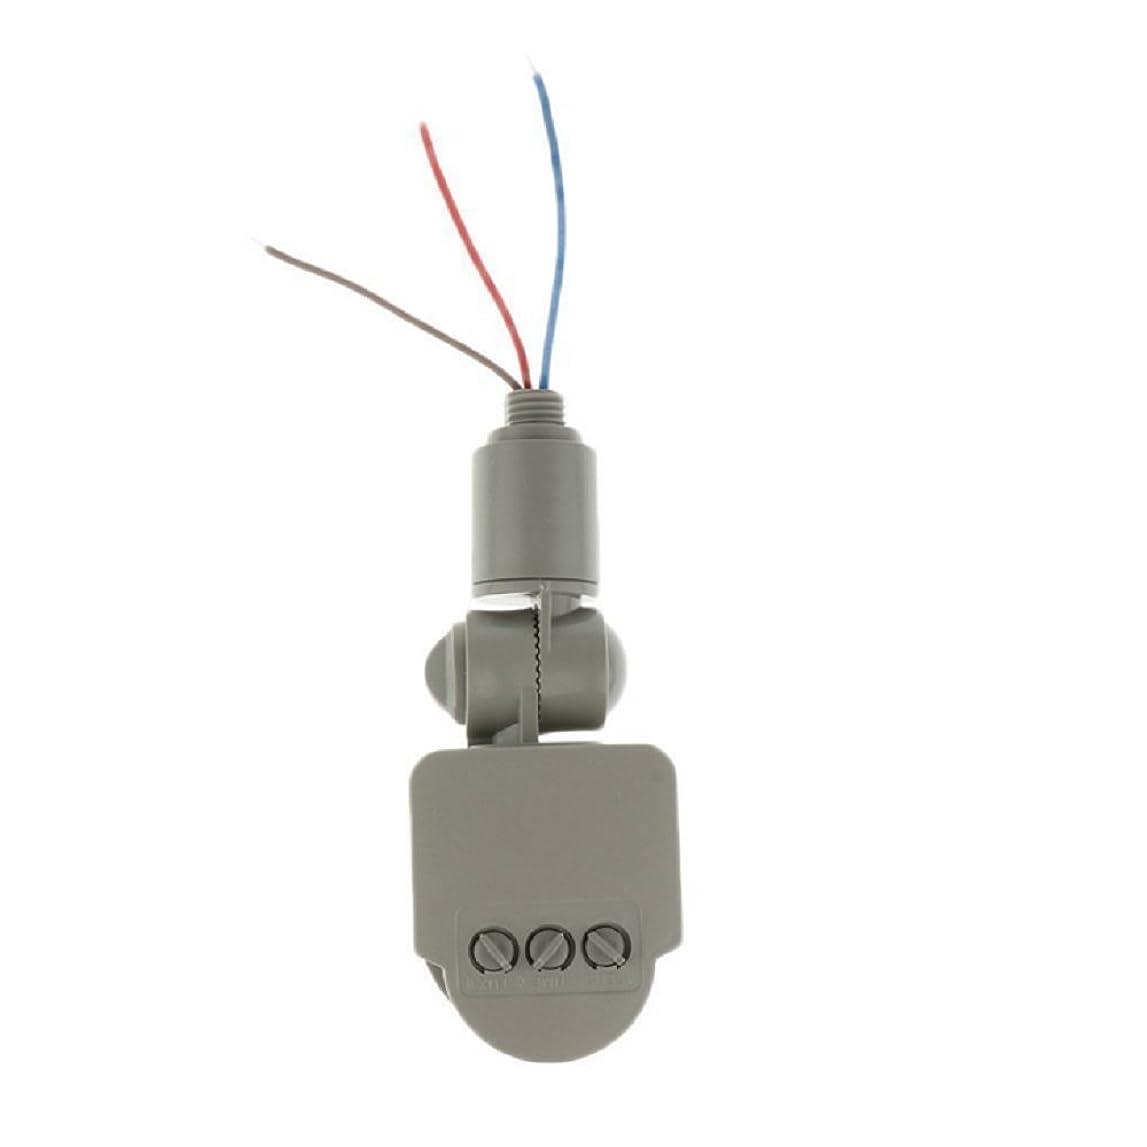 眉をひそめる摂氏待ってHomefunny 12M PIR 赤外線 モーション センサー 検出器 壁 LED RF DC12V グレー ライト アウトドア